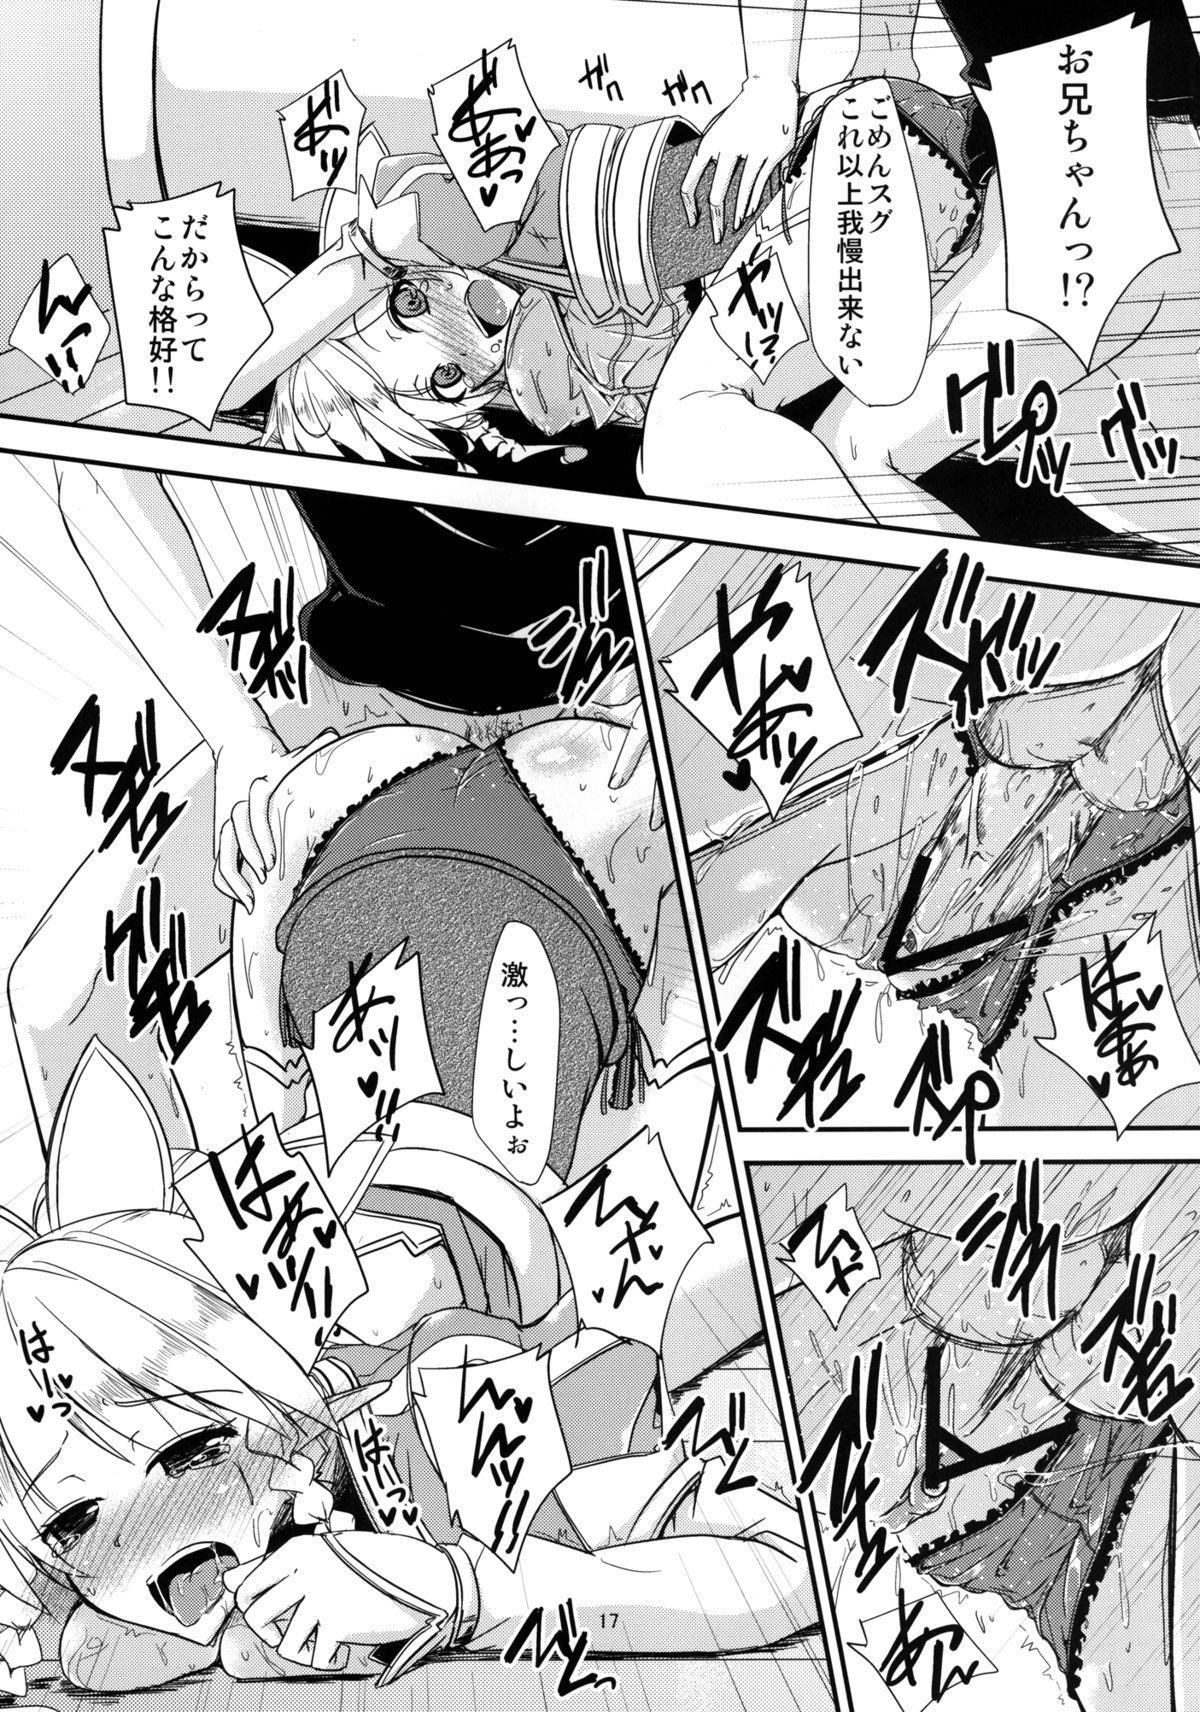 Aitsu ni Lyfa ga Oomori no Biyaku o Moru Hon 17